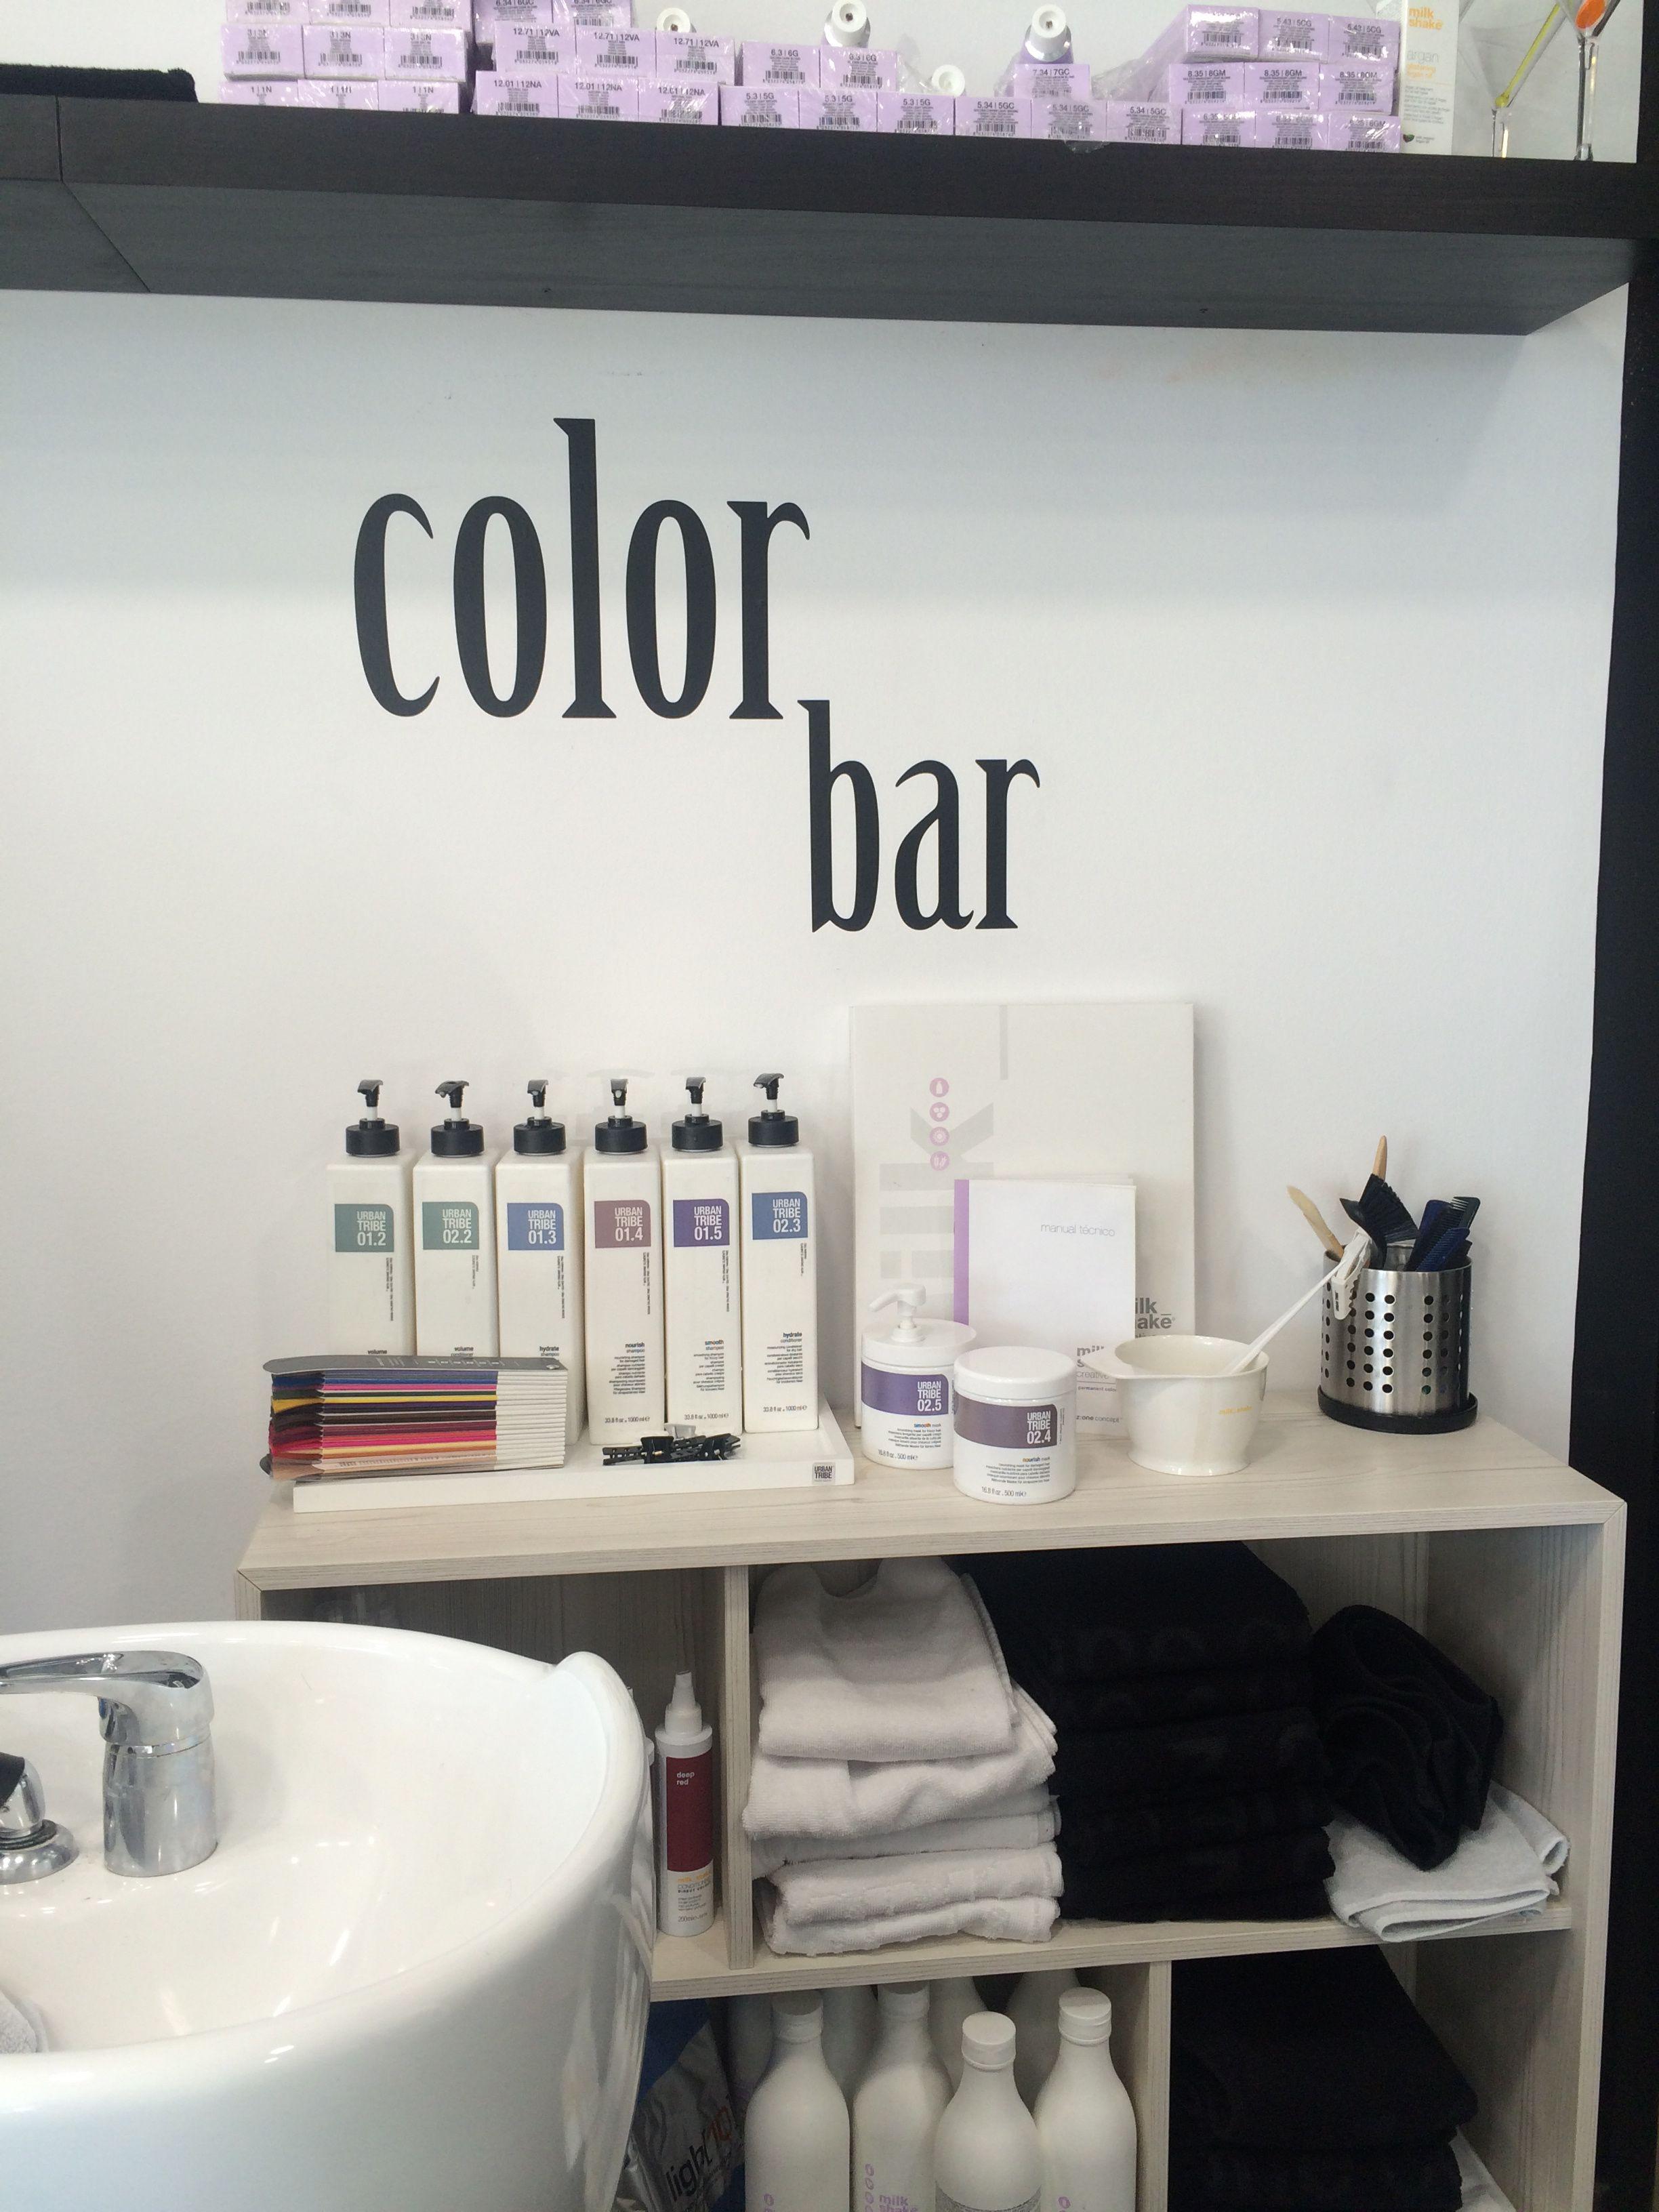 Vinilos decorados interior peluquería Gu Hair Salon. Color Bar, zona ...